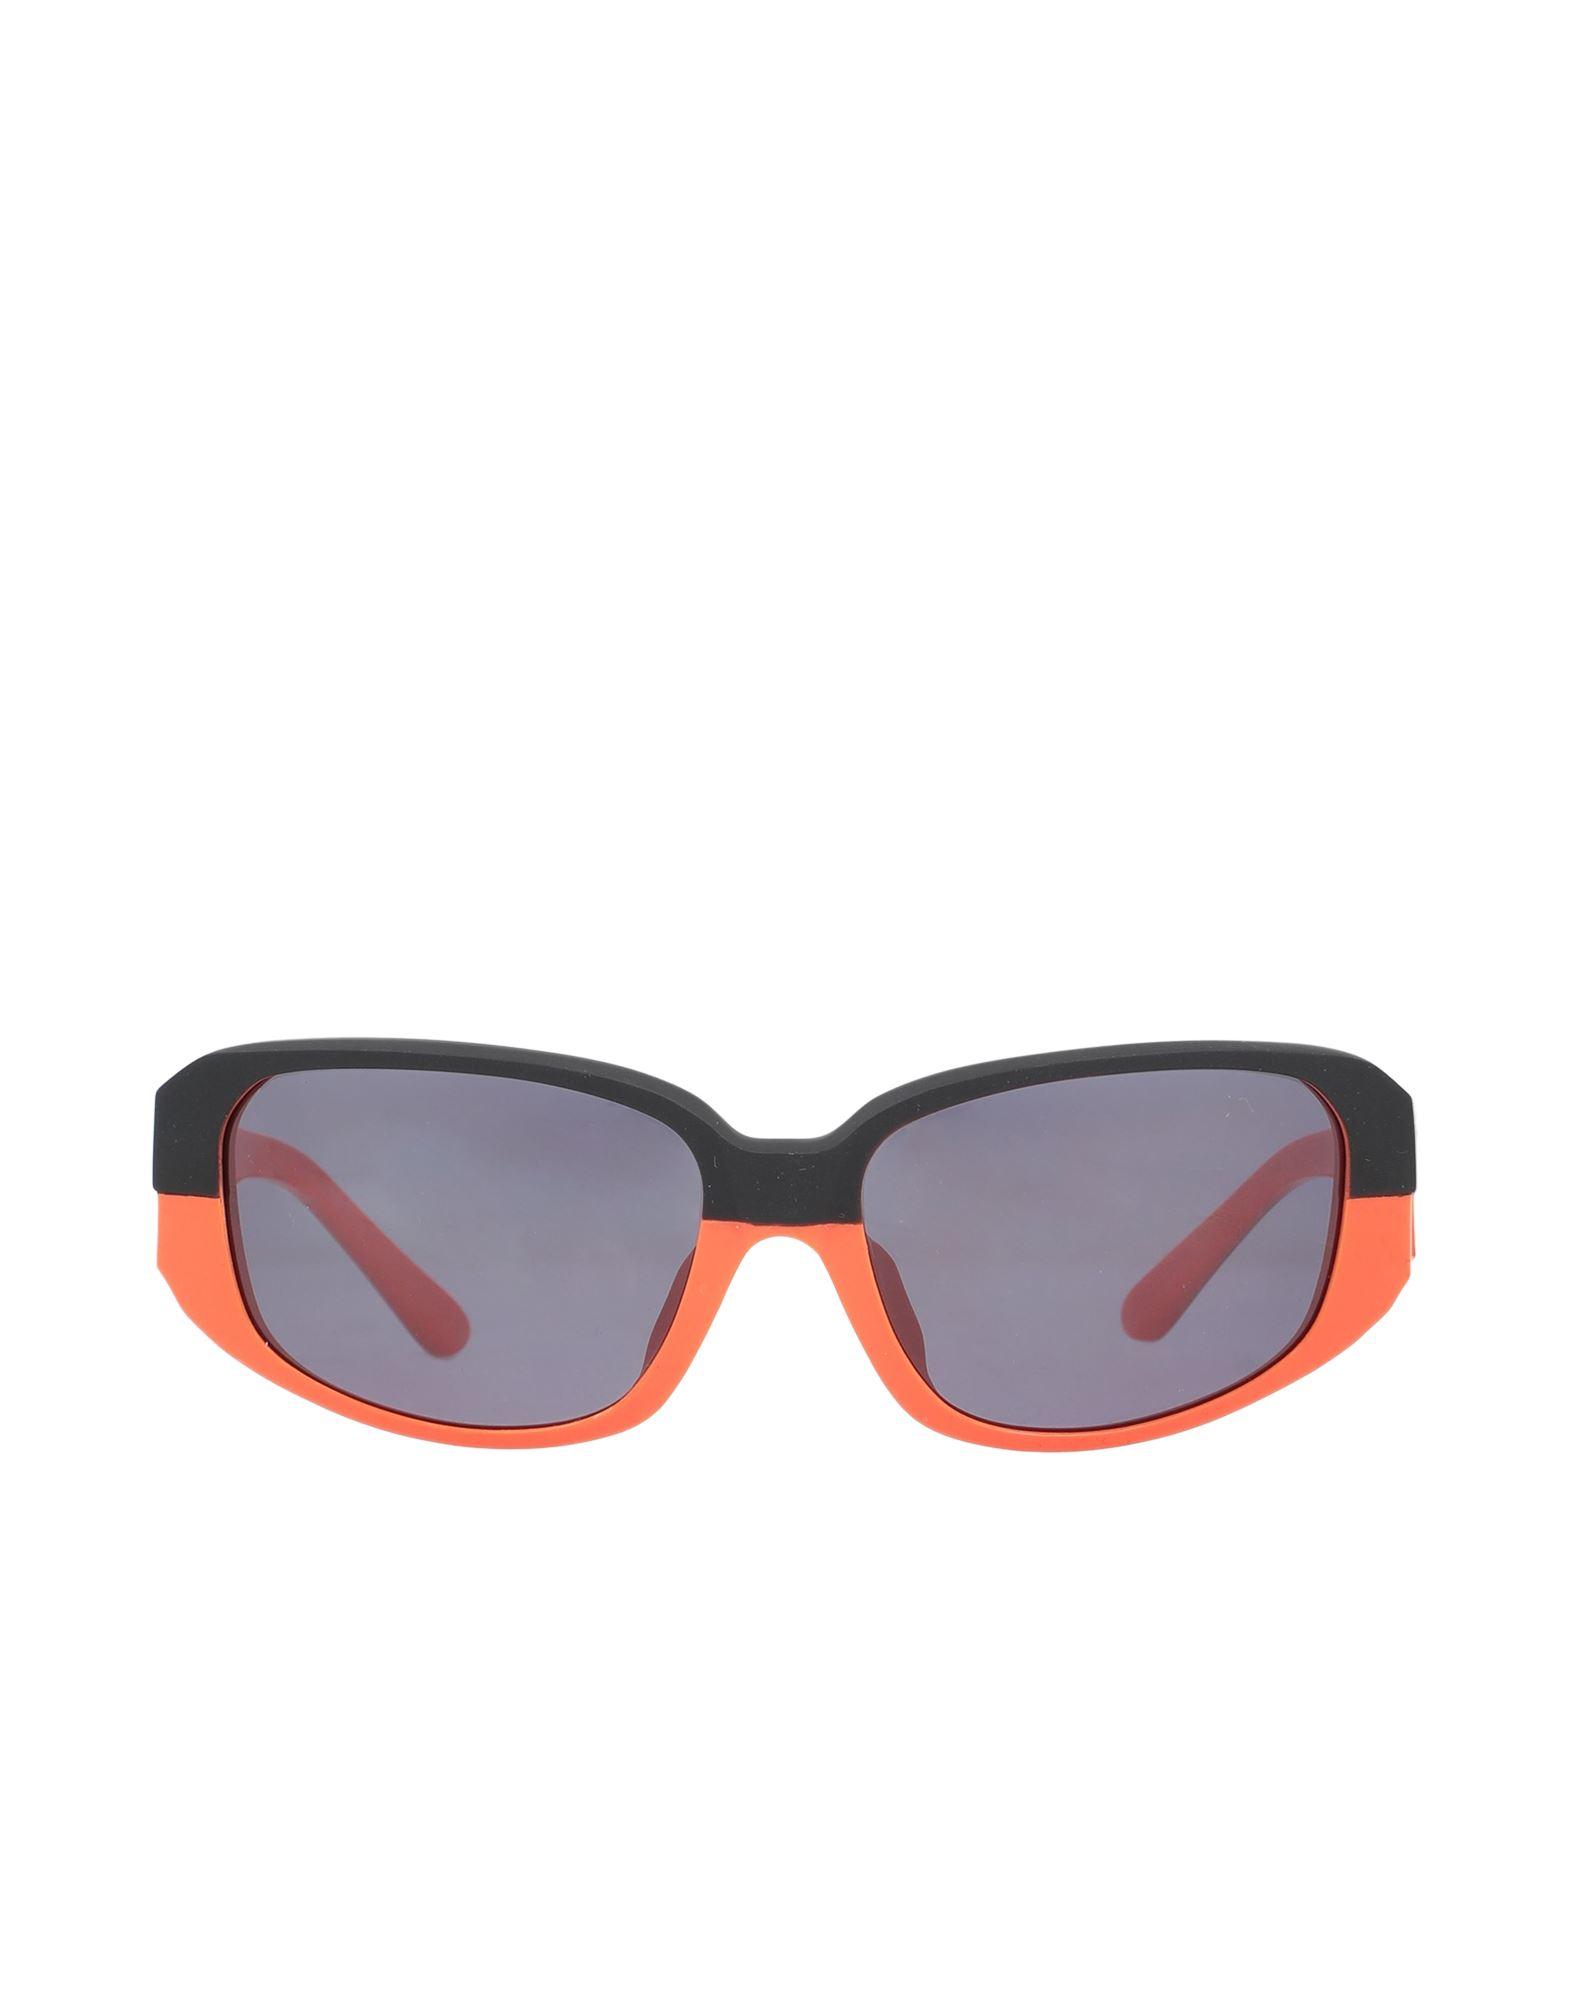 Y-3 Sunglasses - Item 46742327